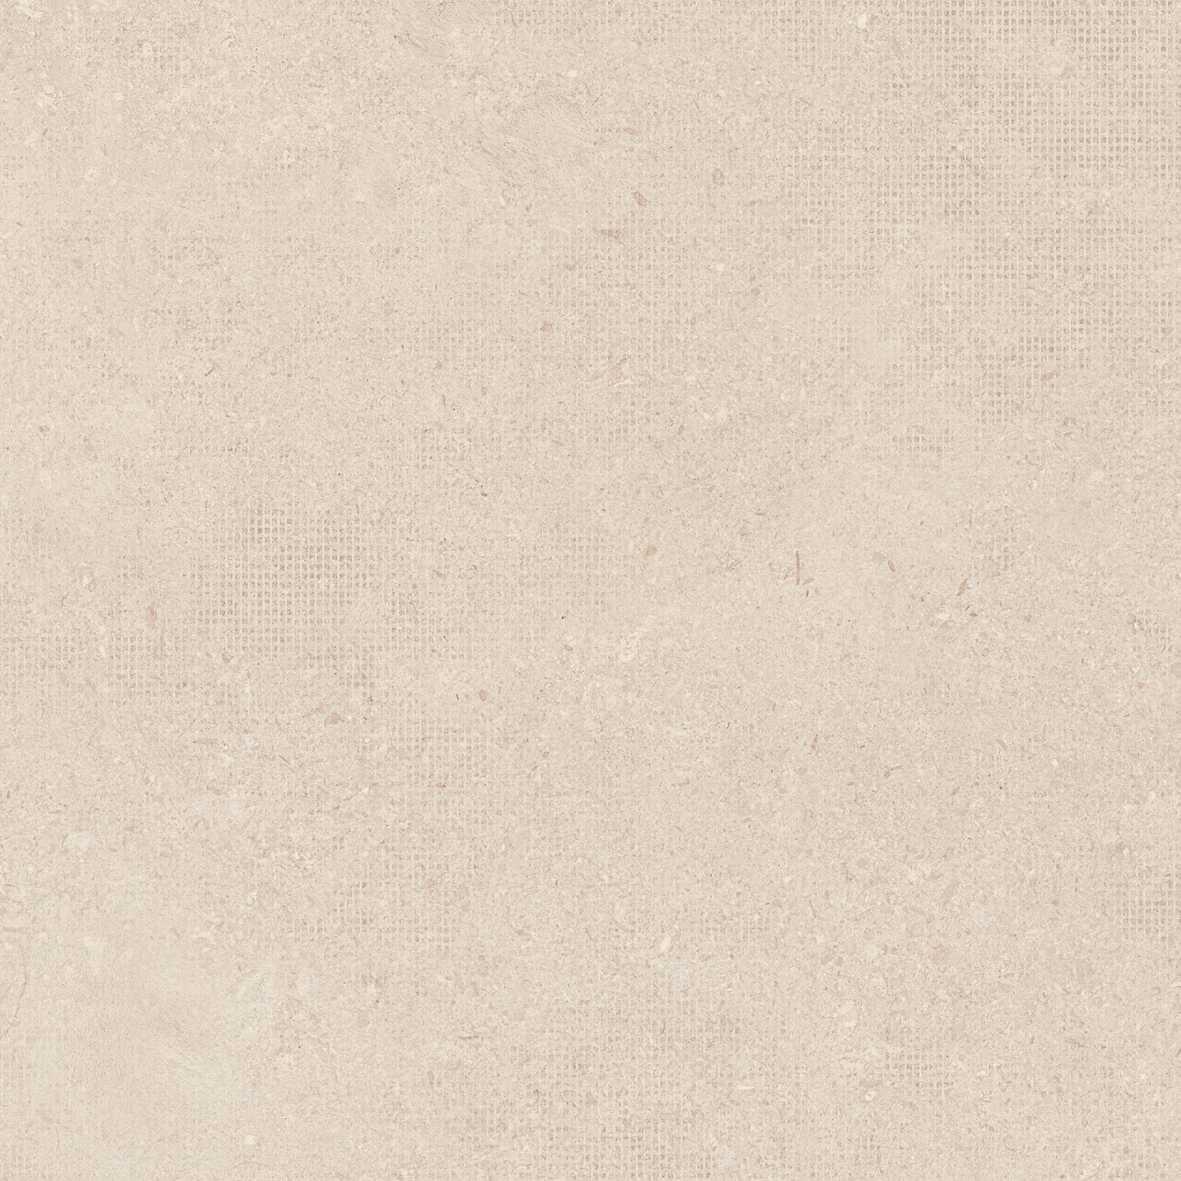 Variasi Aspen Gris  OutdoorOutdoor FlooringOutdoor Floor Tiles 1